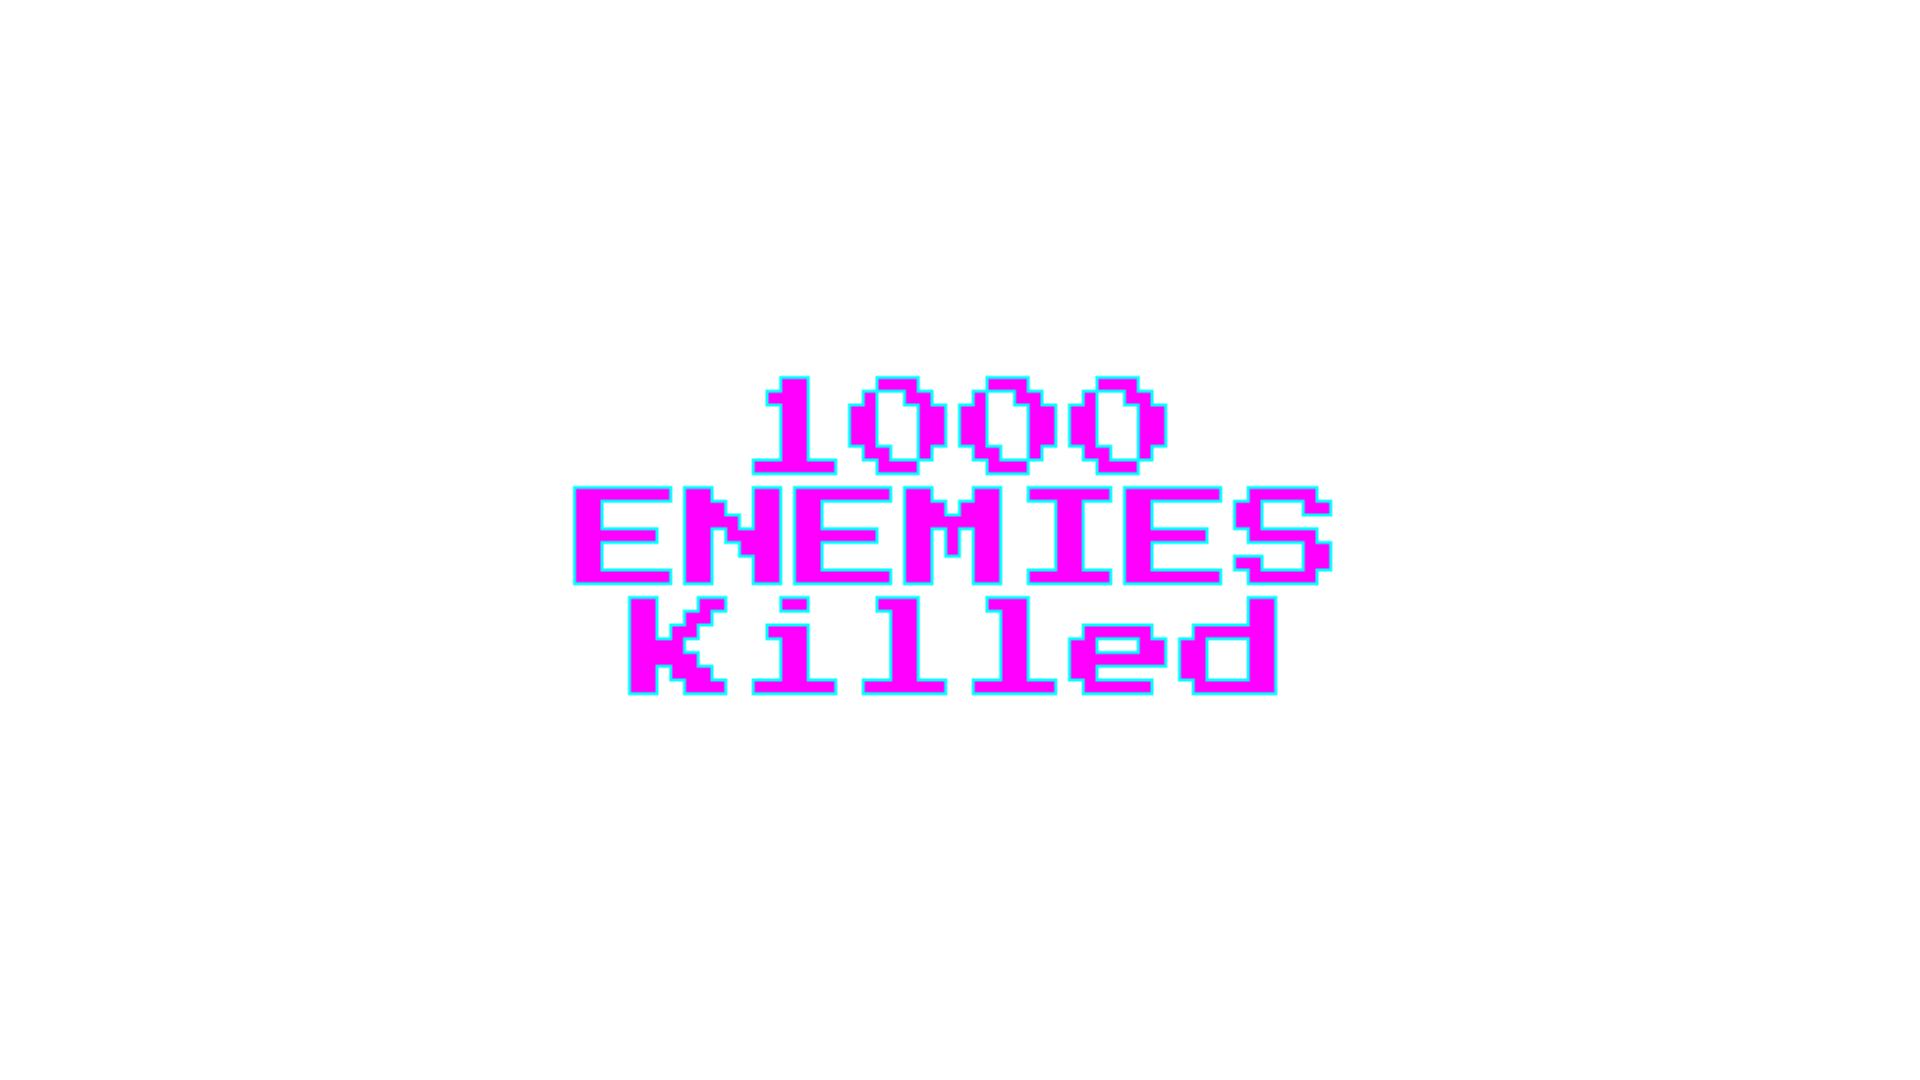 Icon for 1000 kill's